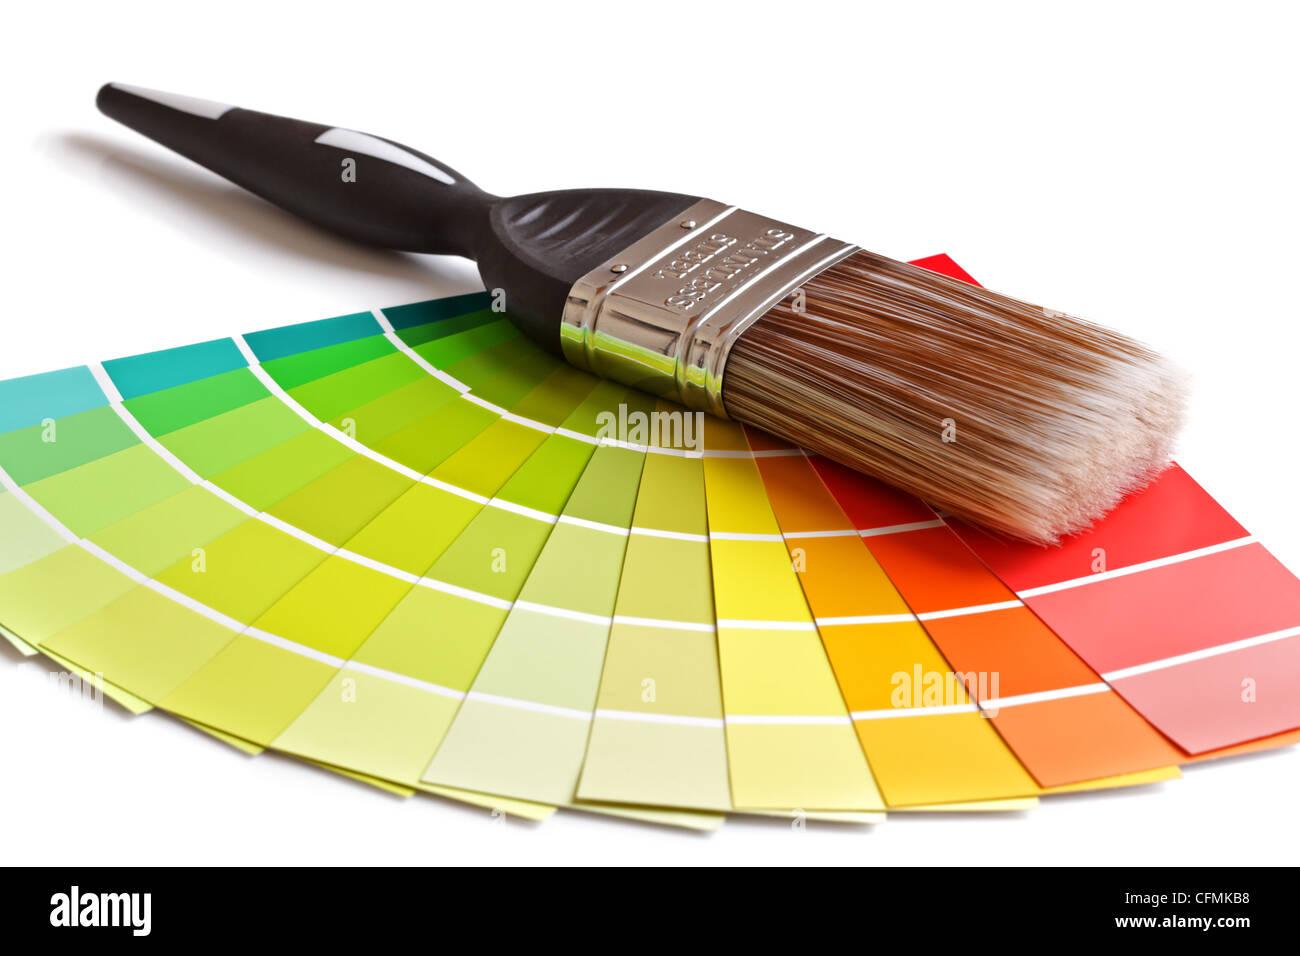 Spazzola di vernice e campioni Immagini Stock